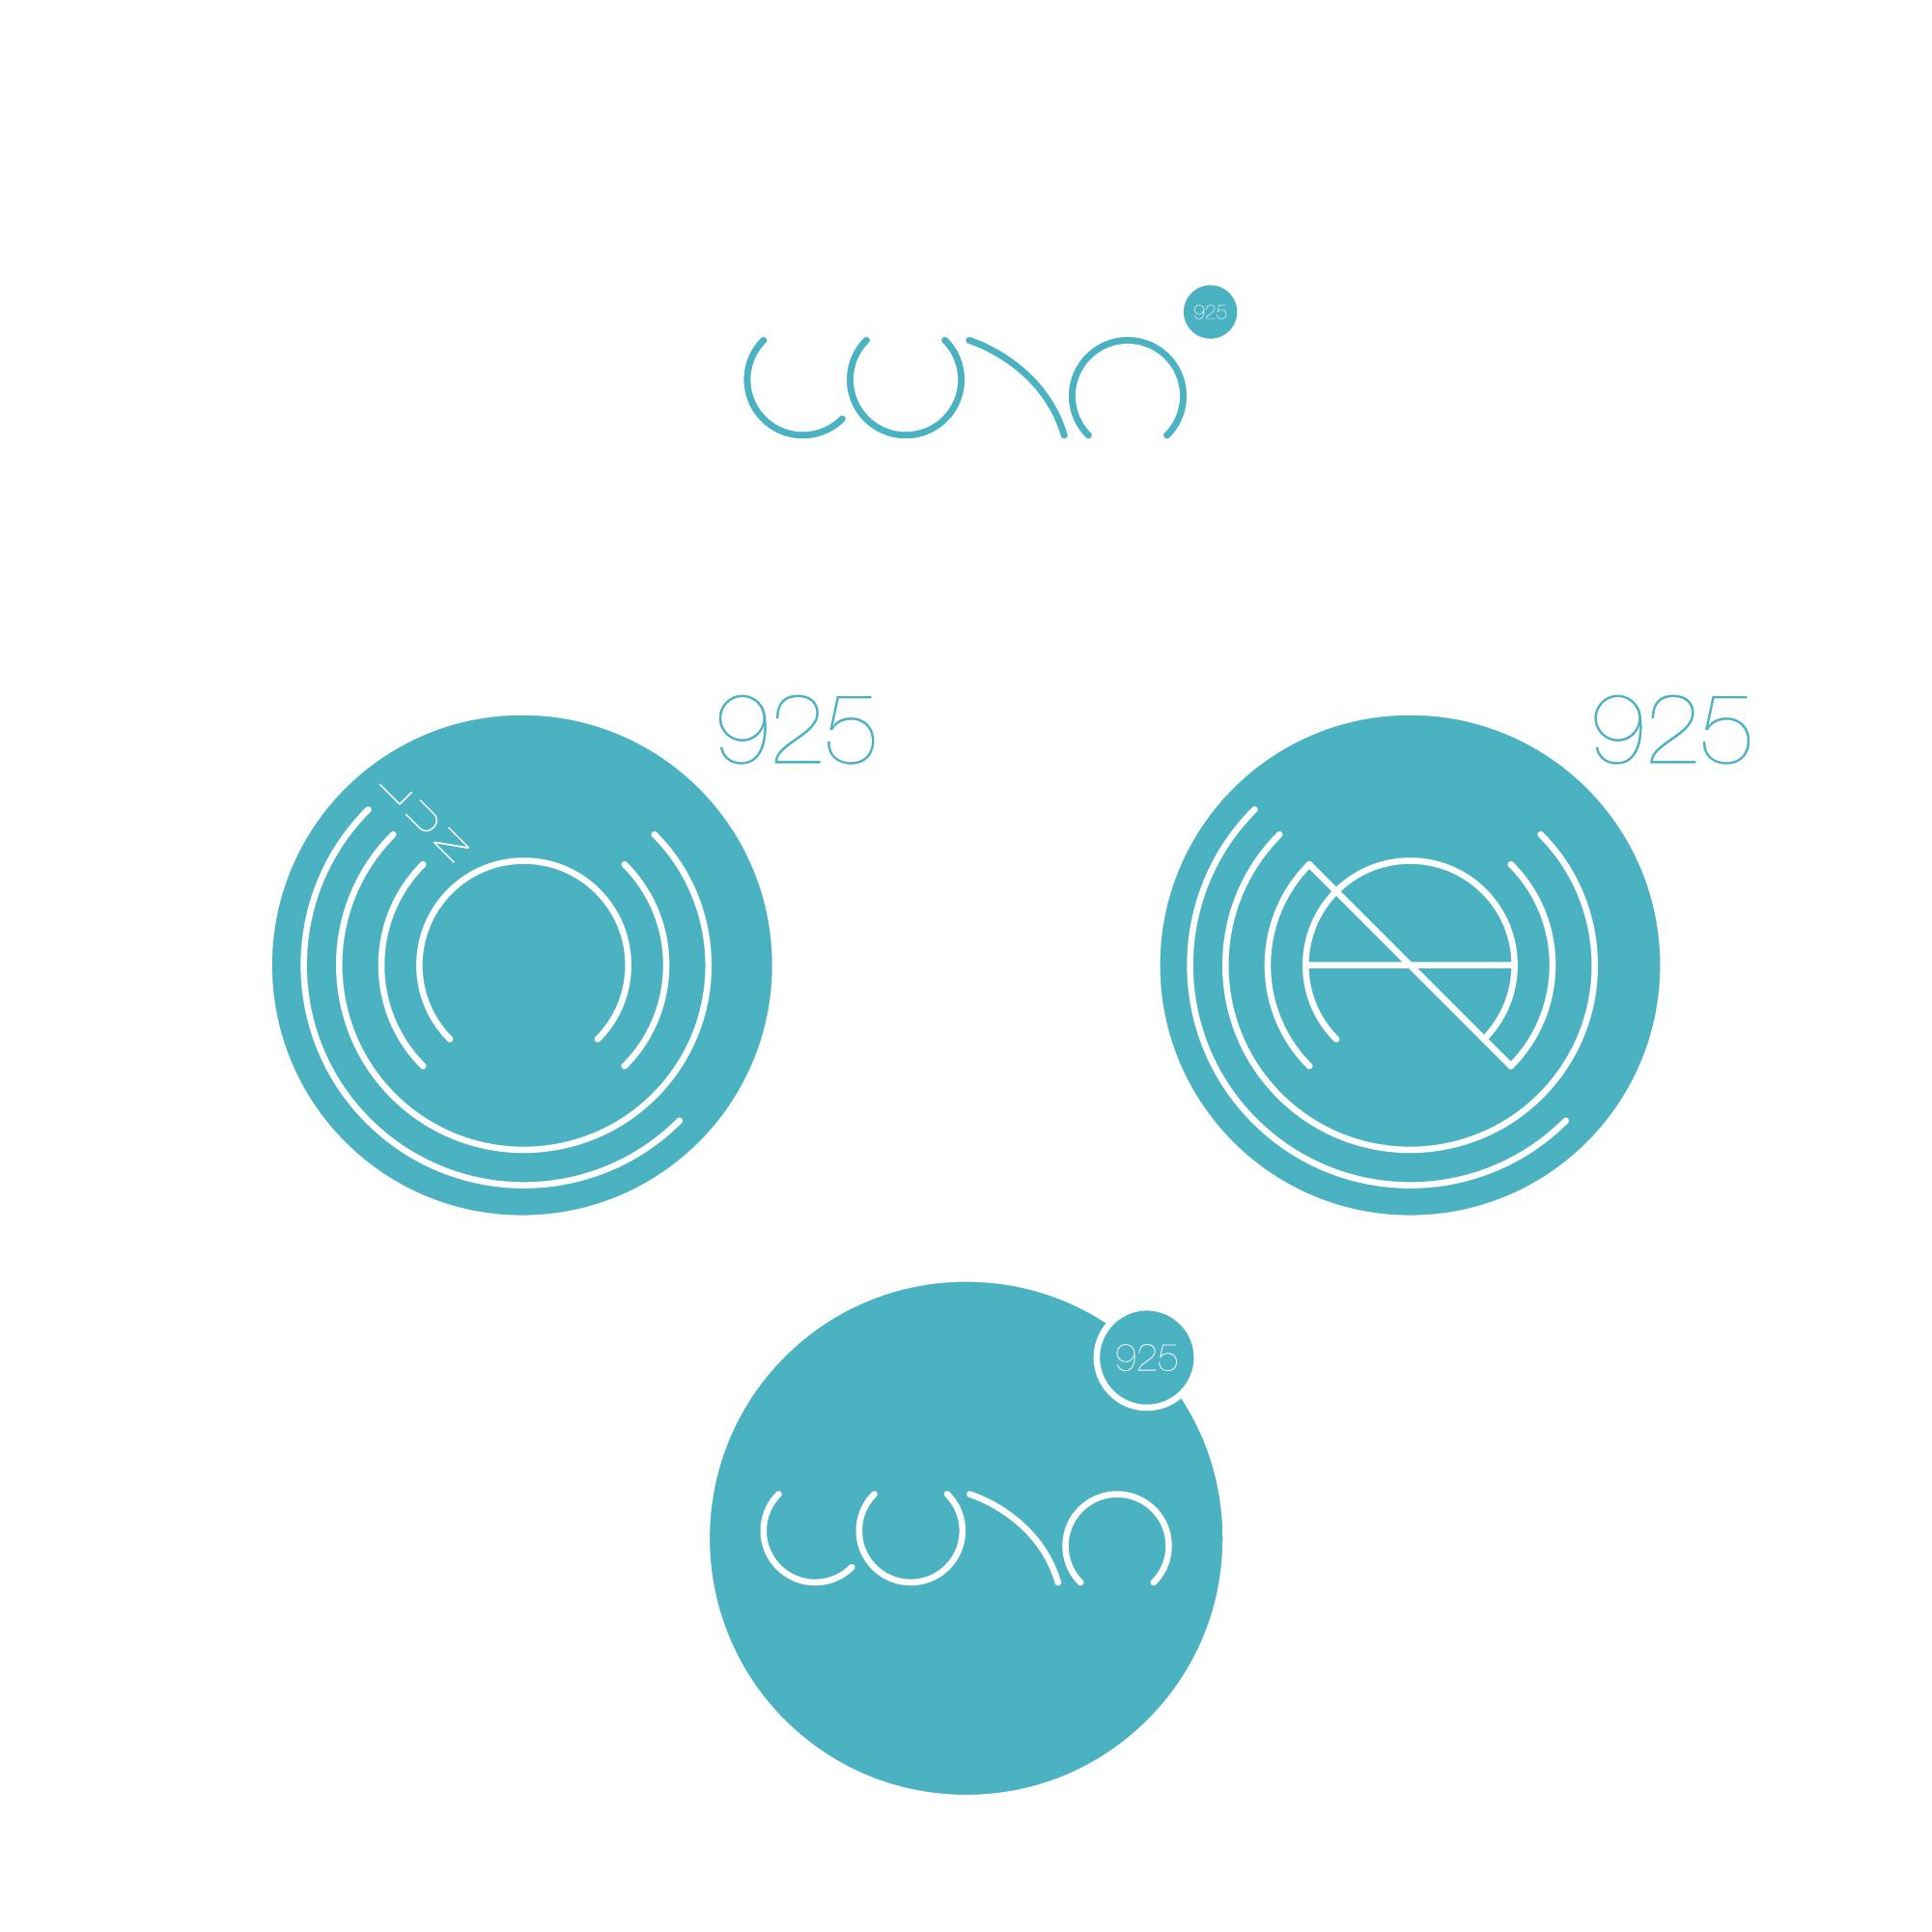 Логотип для столового серебра и посуды из серебра фото f_9695bab7992ee162.jpg